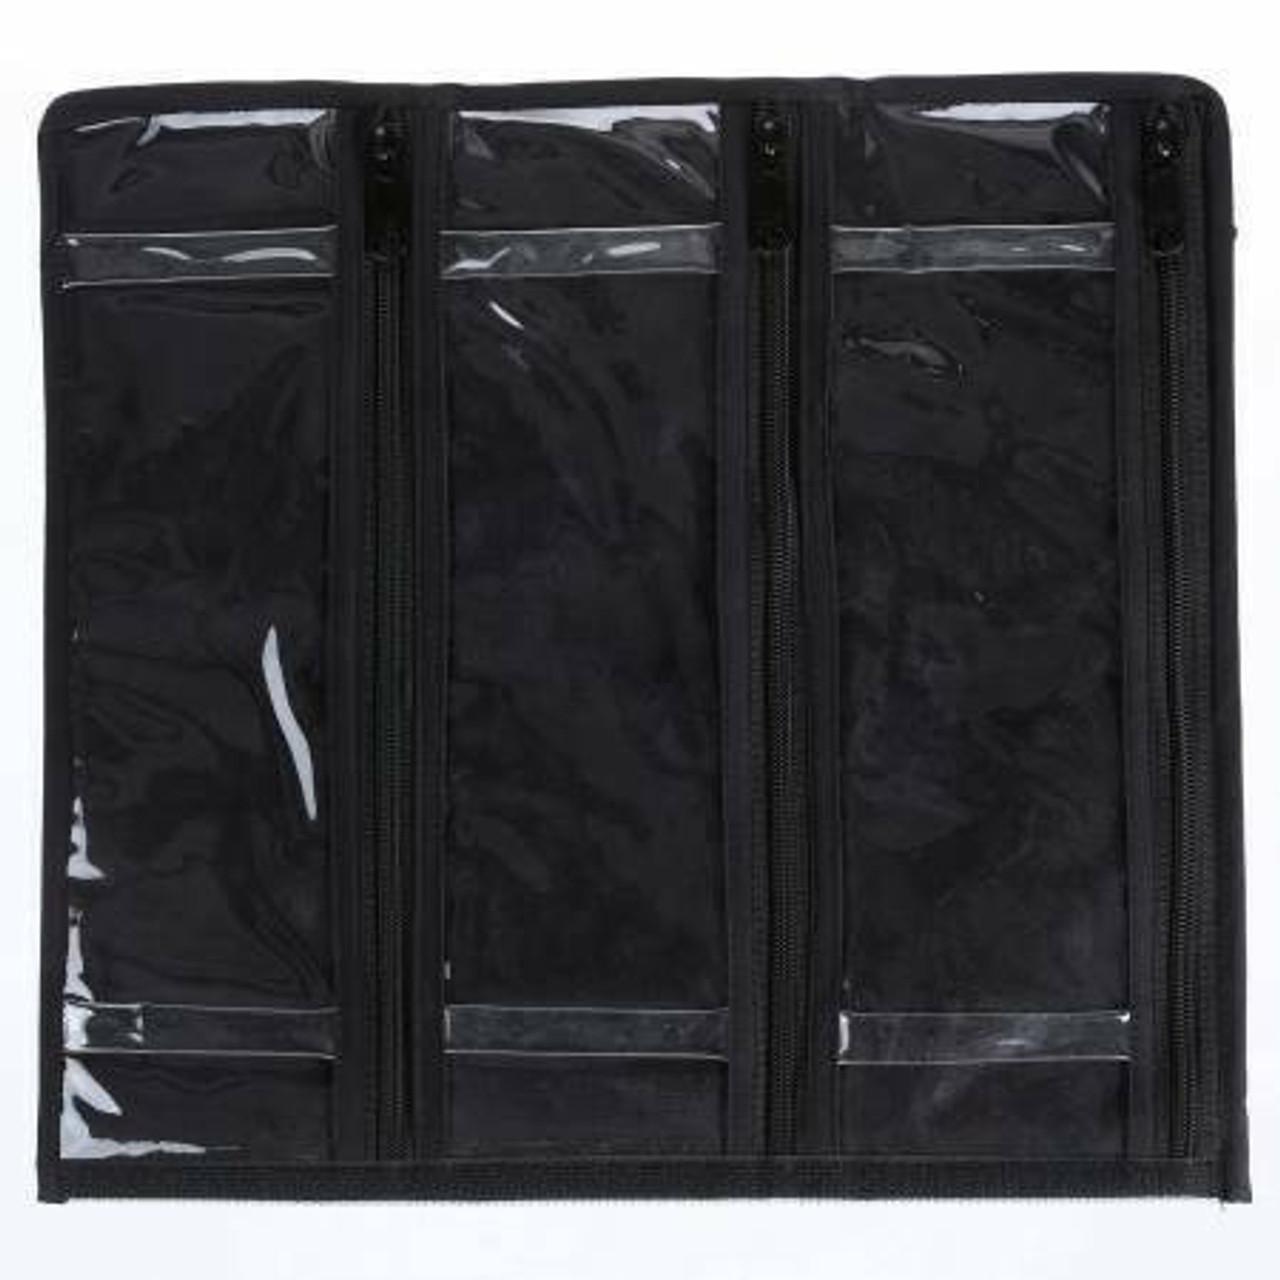 Clear Allium Spool Sac Zipper Pouch (6 pocket)